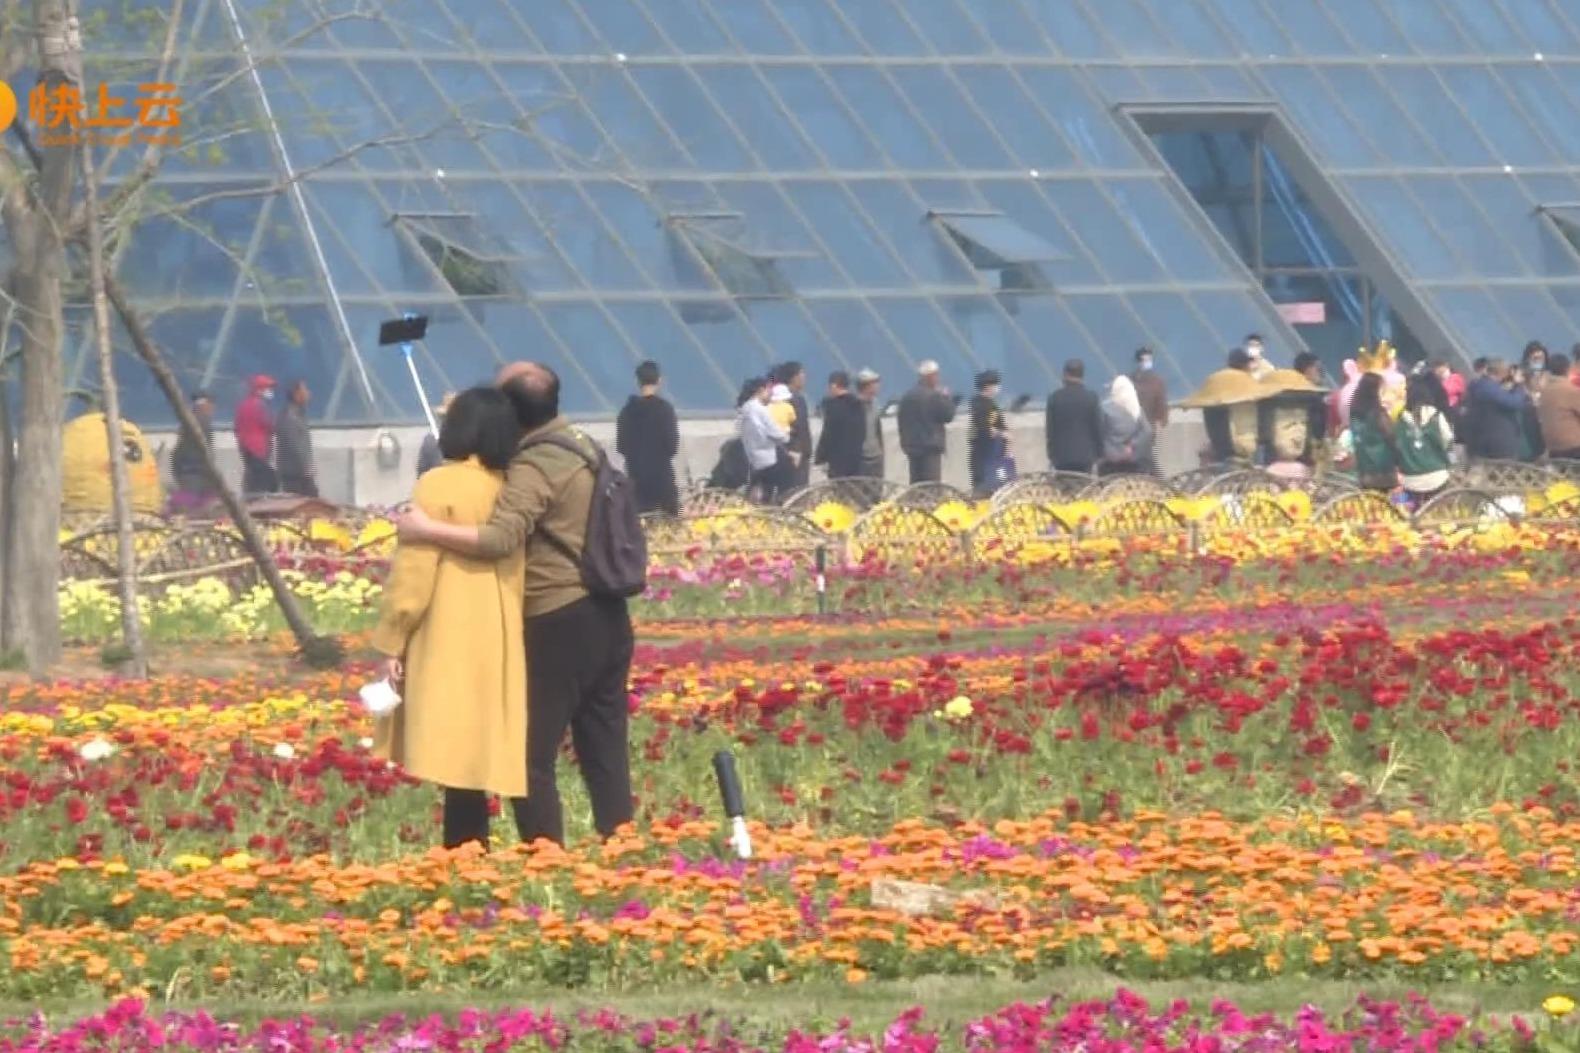 潍坊:旅游市场复苏回暖 游客乐享春光